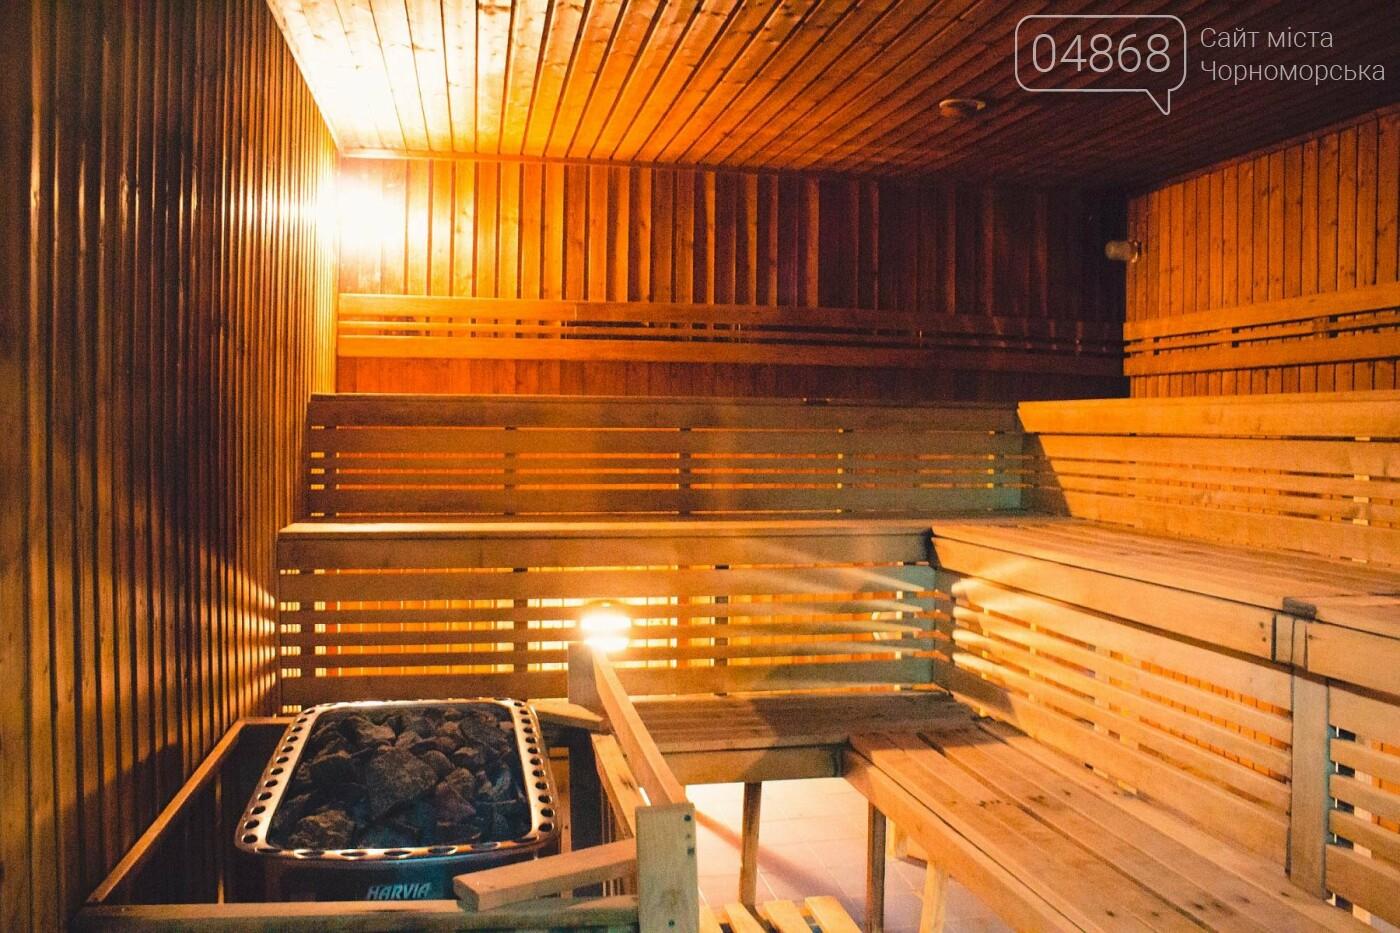 С 1 ноября изменится режим работы городской бани в Черноморске, фото-1